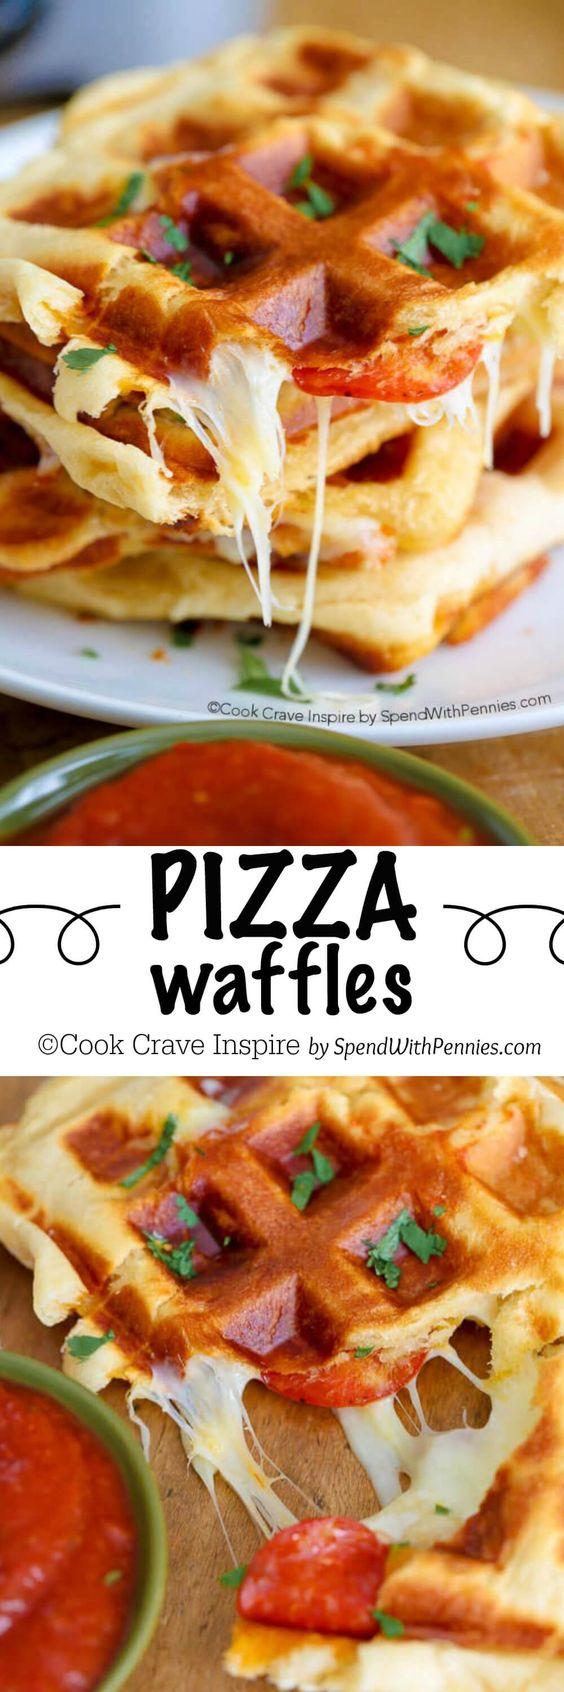 pizza-waffles